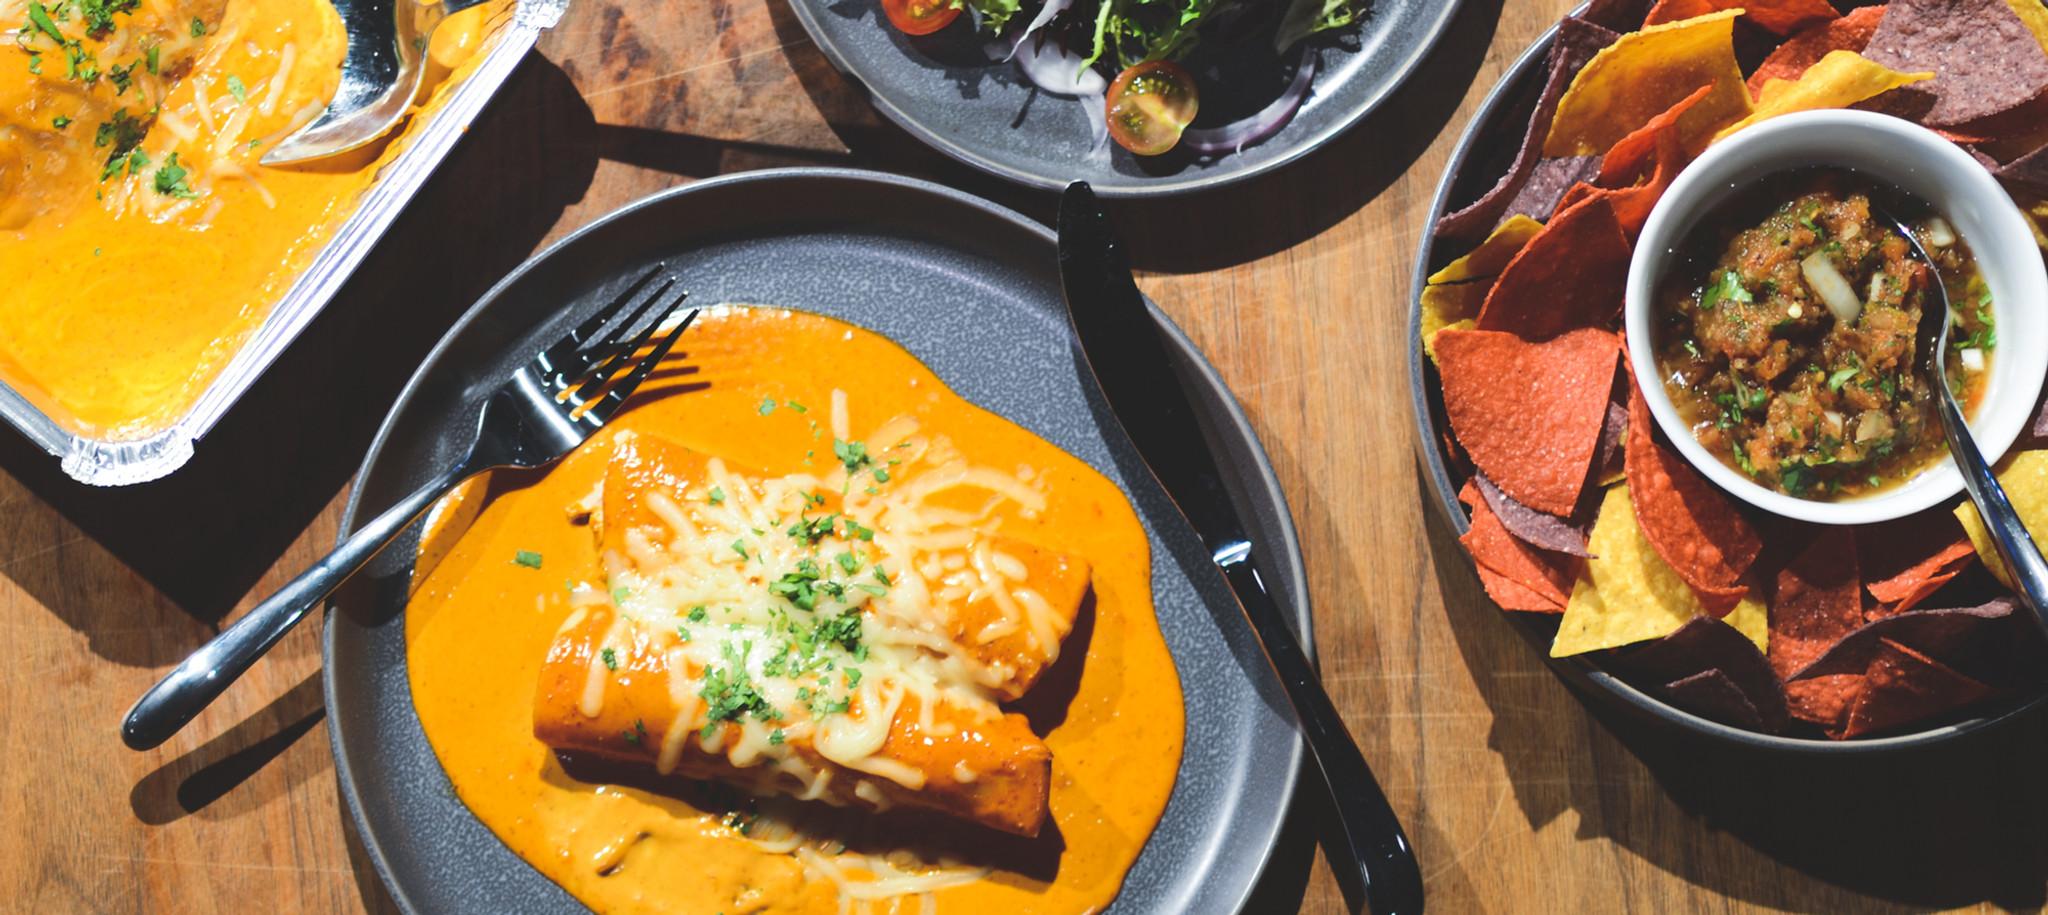 01-2 Chicken Enchiladas.jpg